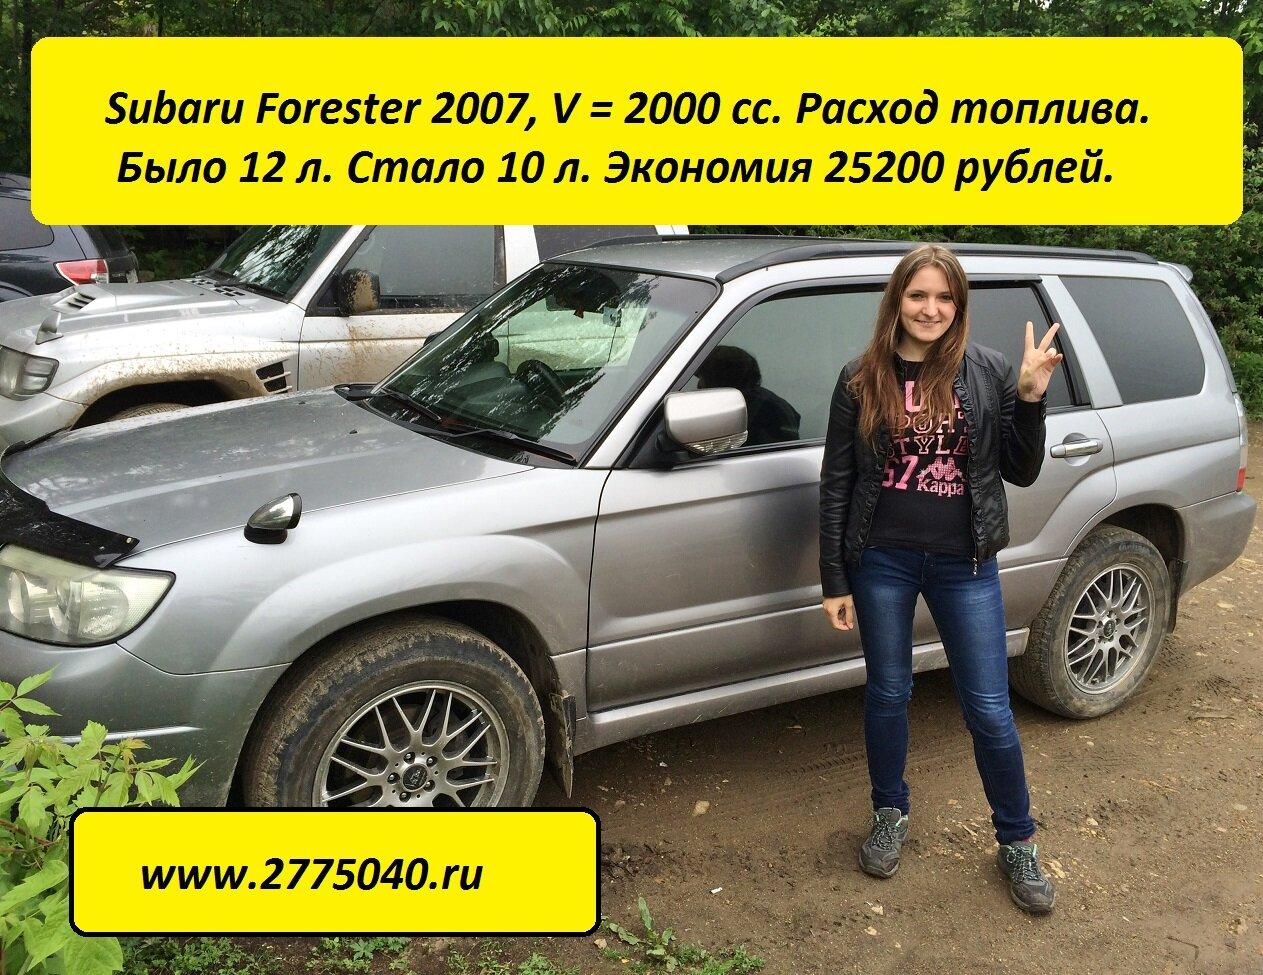 Как уменьшить расход топлива? Субару Форестер (Subaru Forester) . Автосервис Первый. Владивосток